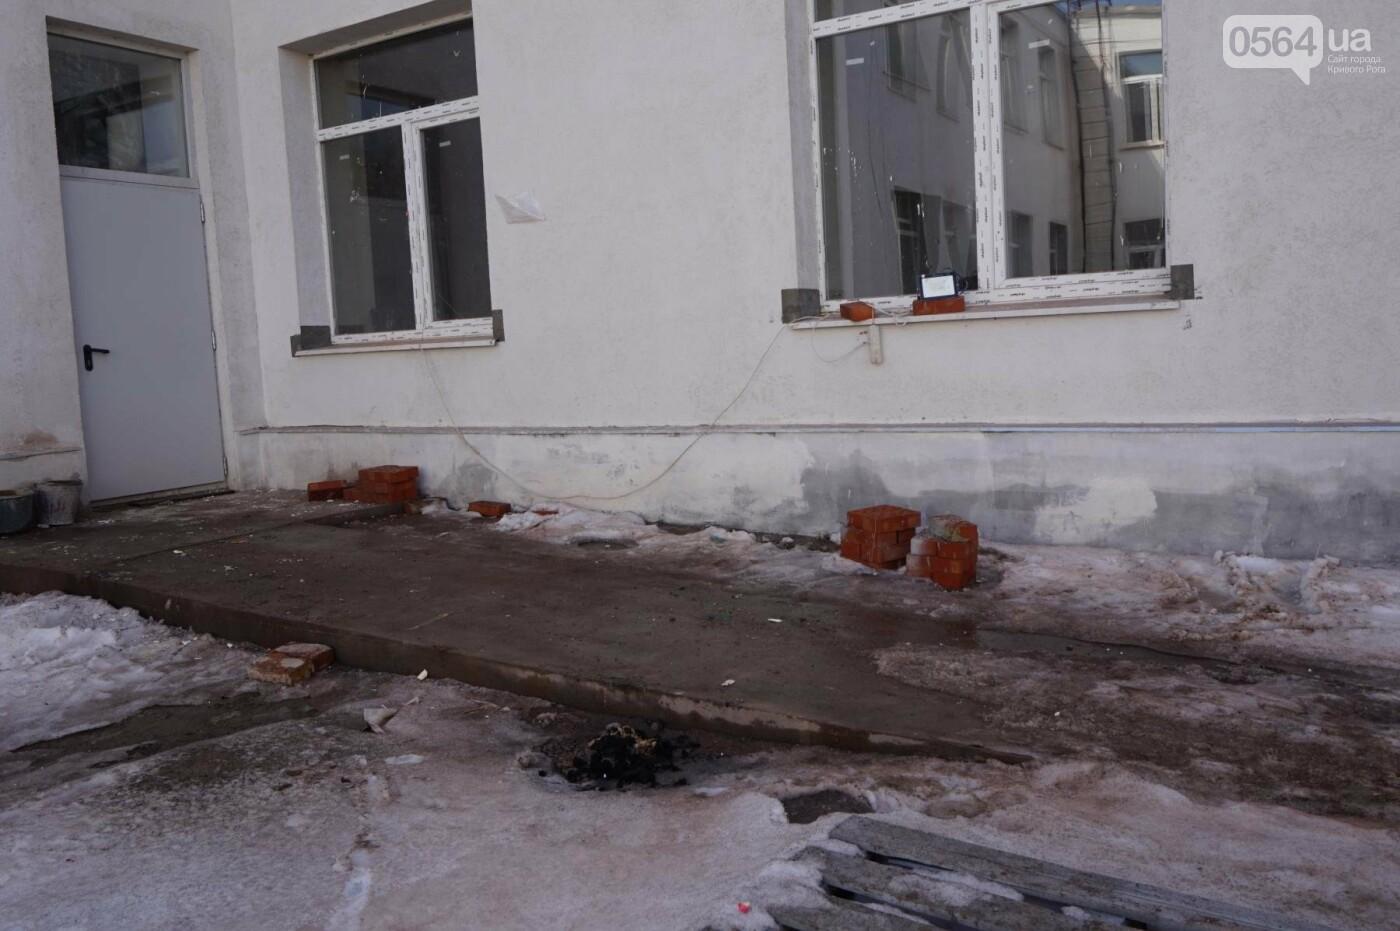 Приближаясь к Европе: Как в школах Кривого Рога внедряют инклюзию (ФОТО), фото-45